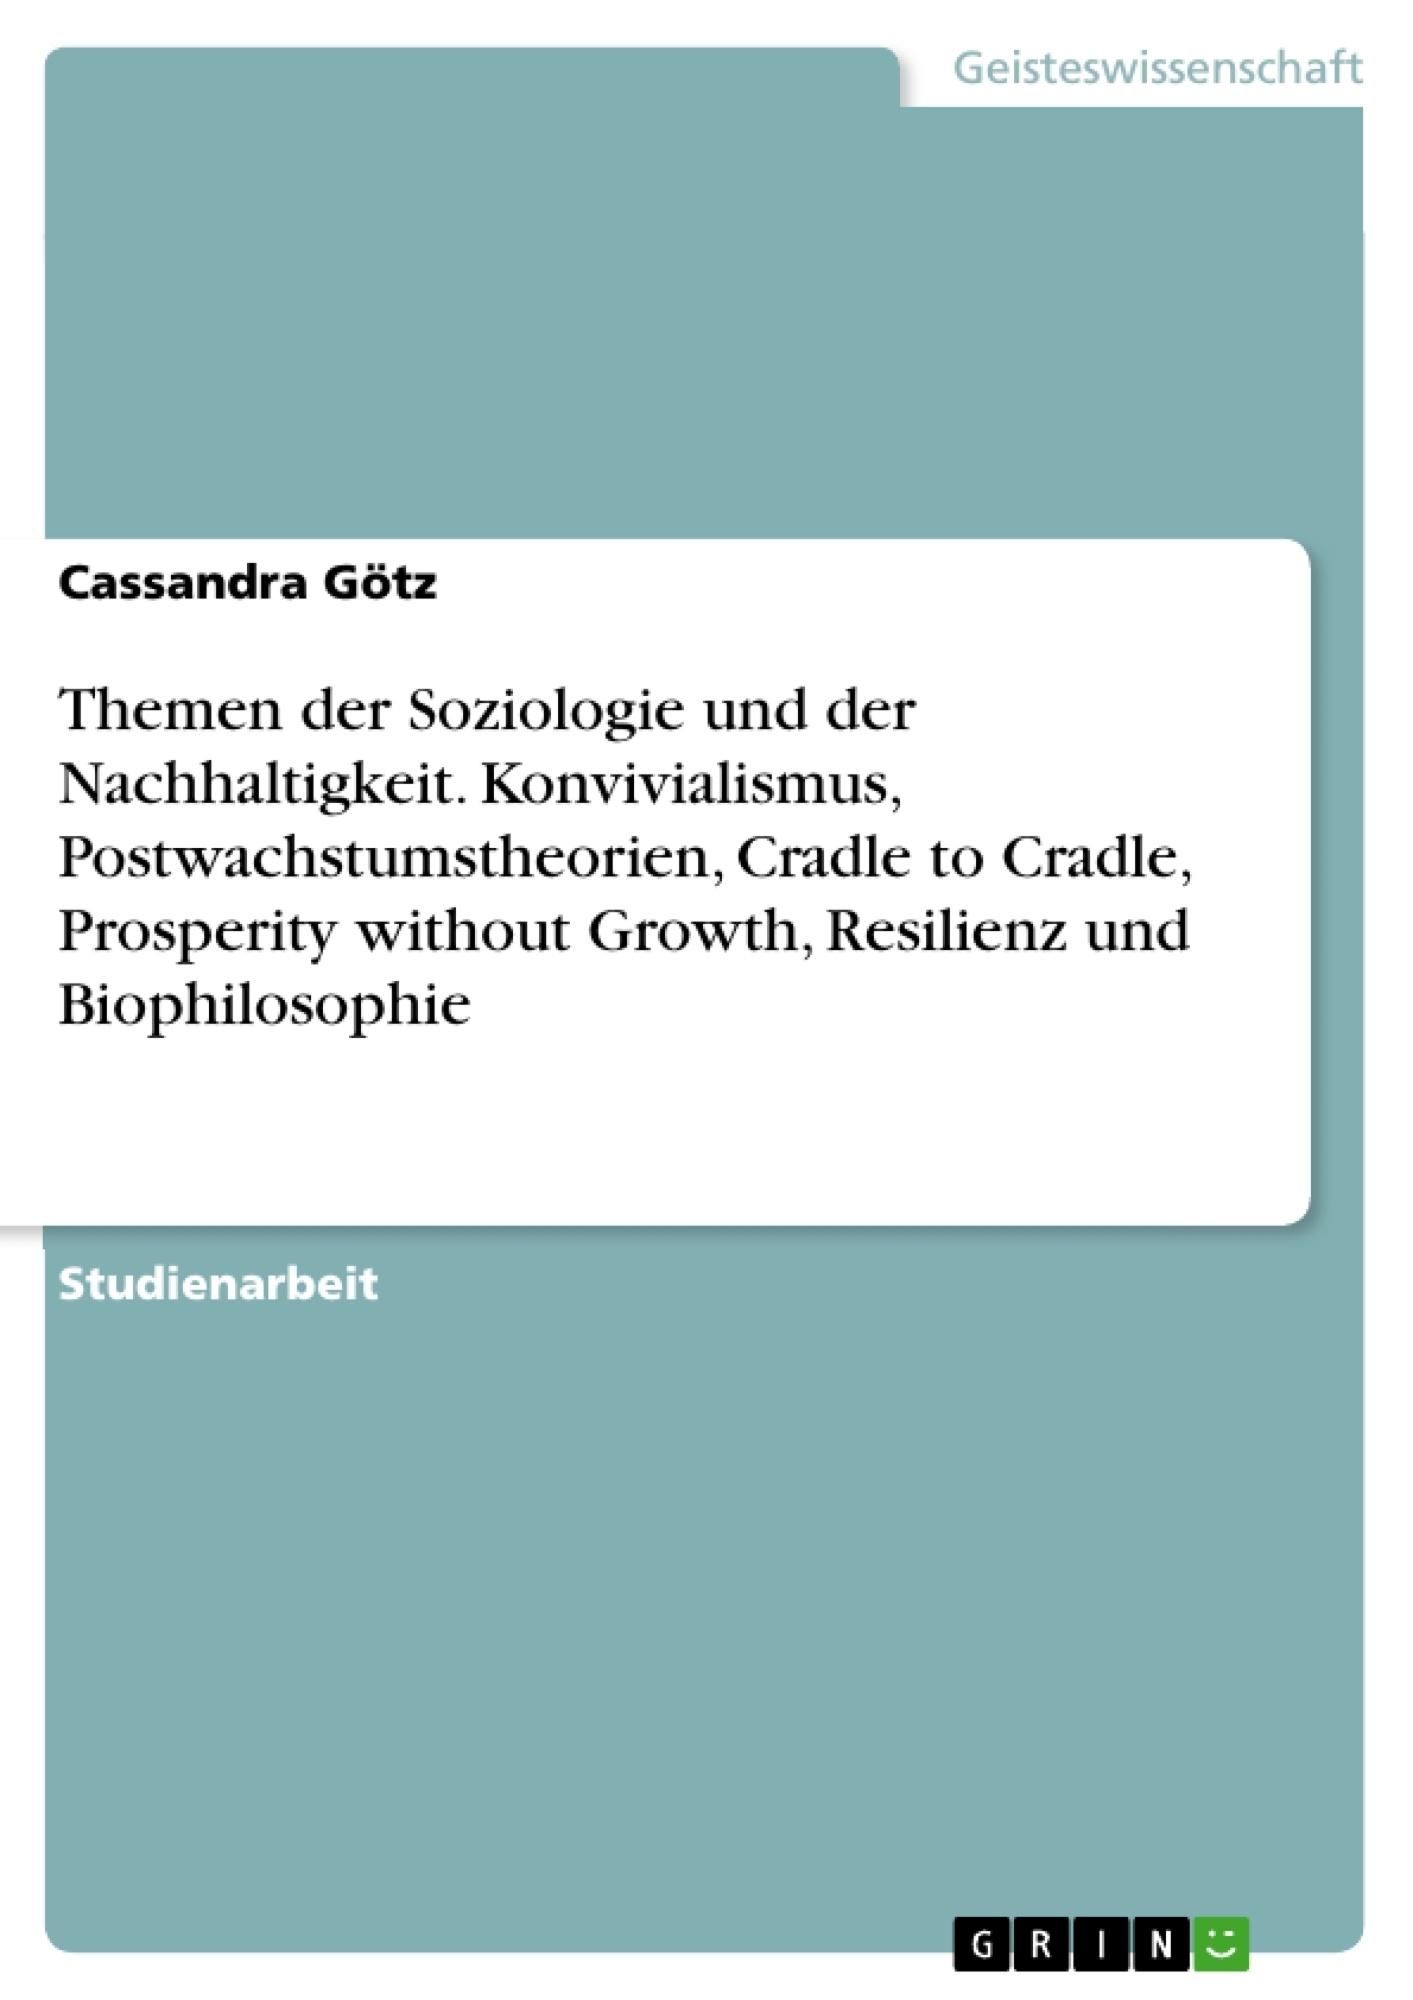 Titel: Themen der Soziologie und der Nachhaltigkeit. Konvivialismus, Postwachstumstheorien, Cradle to Cradle, Prosperity without Growth, Resilienz und Biophilosophie